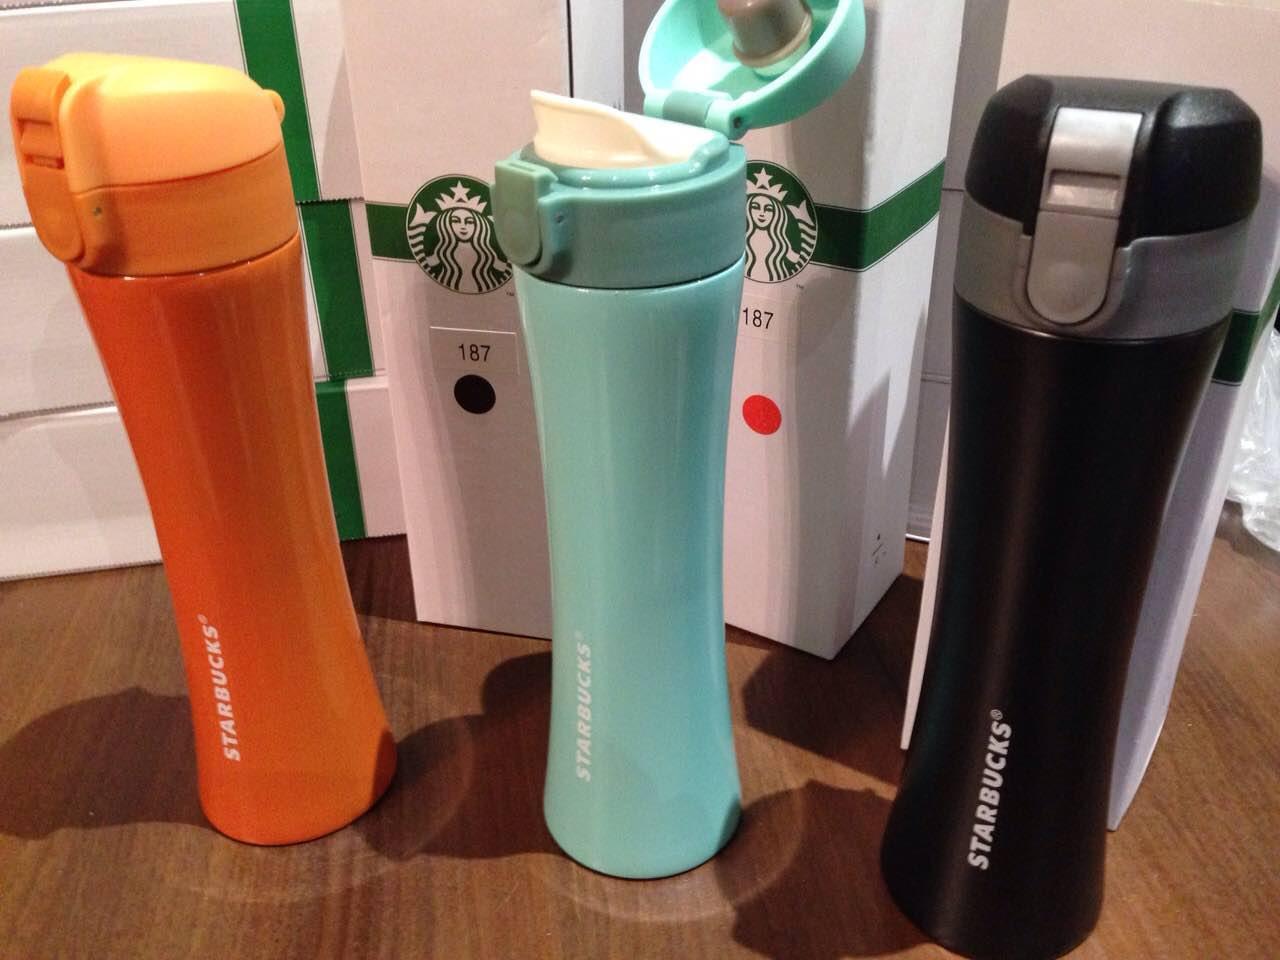 Термос бутылка Нержавеющая сталь Starbucks  H-187  500 мл   Акция !!! - КОЛОНИАЛЬНЫЕ ТОВАРЫ в Киеве